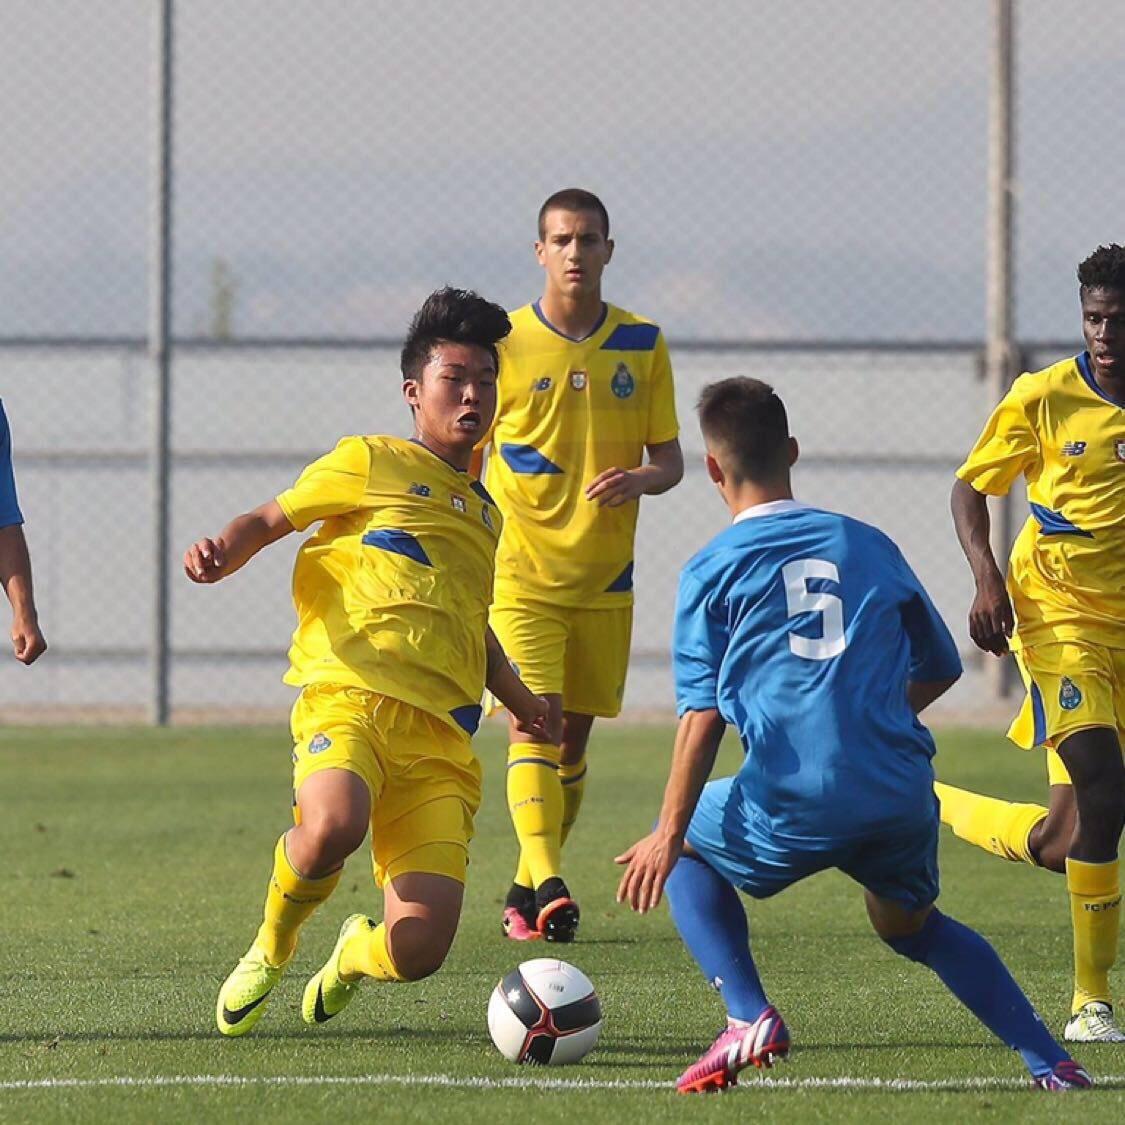 波尔图青年队4-1大胜莱克索斯,严鼎皓打入加盟